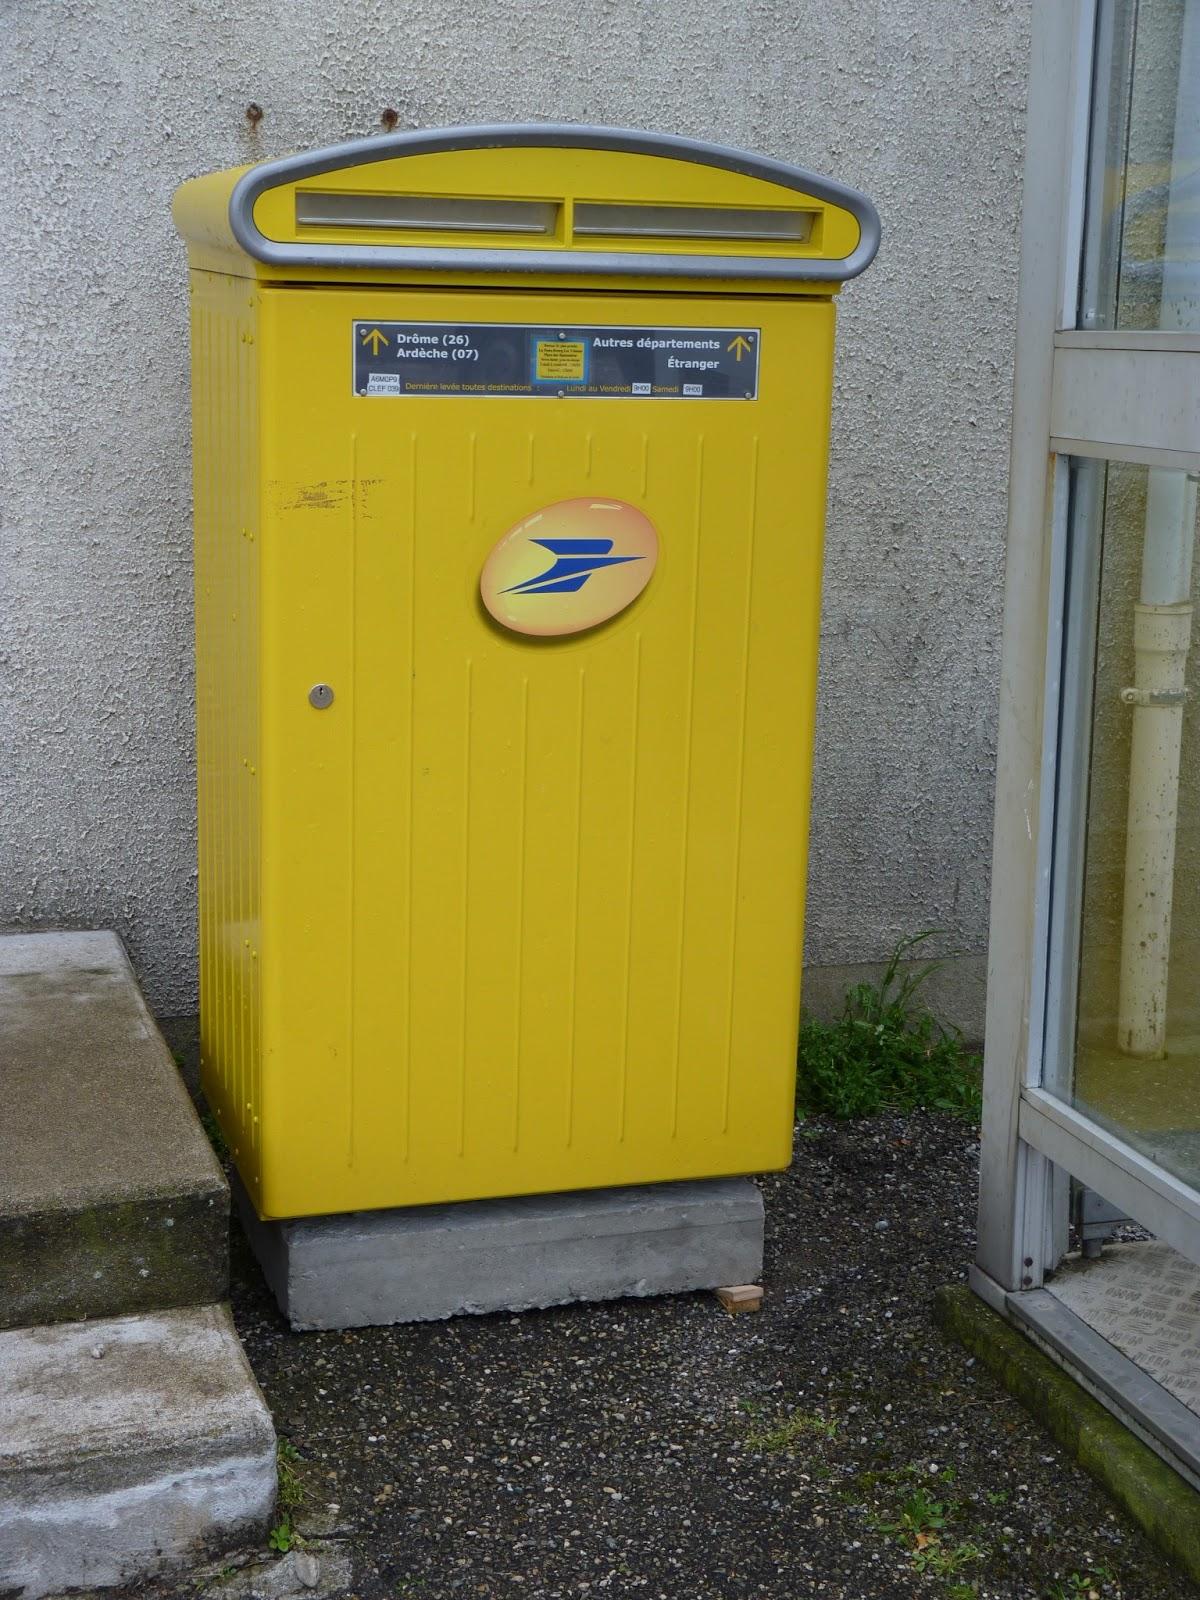 Une boite aux lettres mobile a la poste le blog de st marcel l s valence saint marcel - Boites aux lettres la poste ...